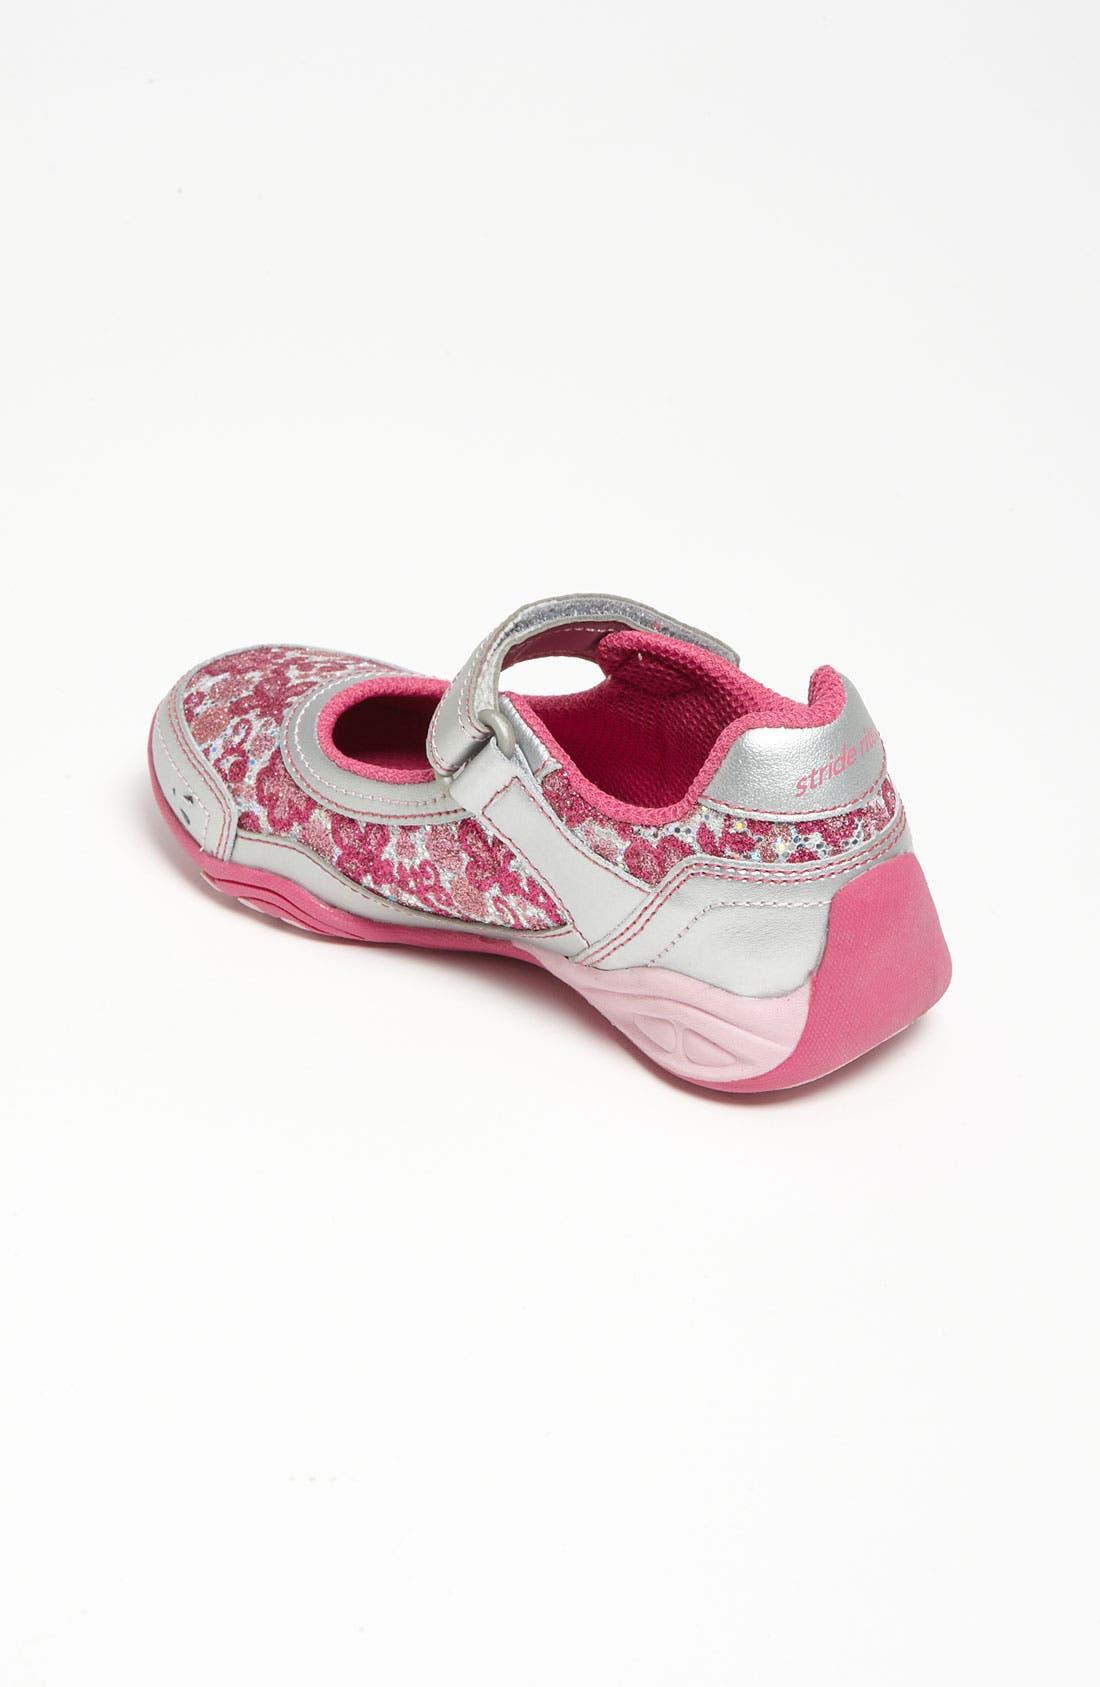 Alternate Image 2  - Stride Rite 'Sapphire' Light-Up Sneaker (Walker, Toddler & Little Kid)